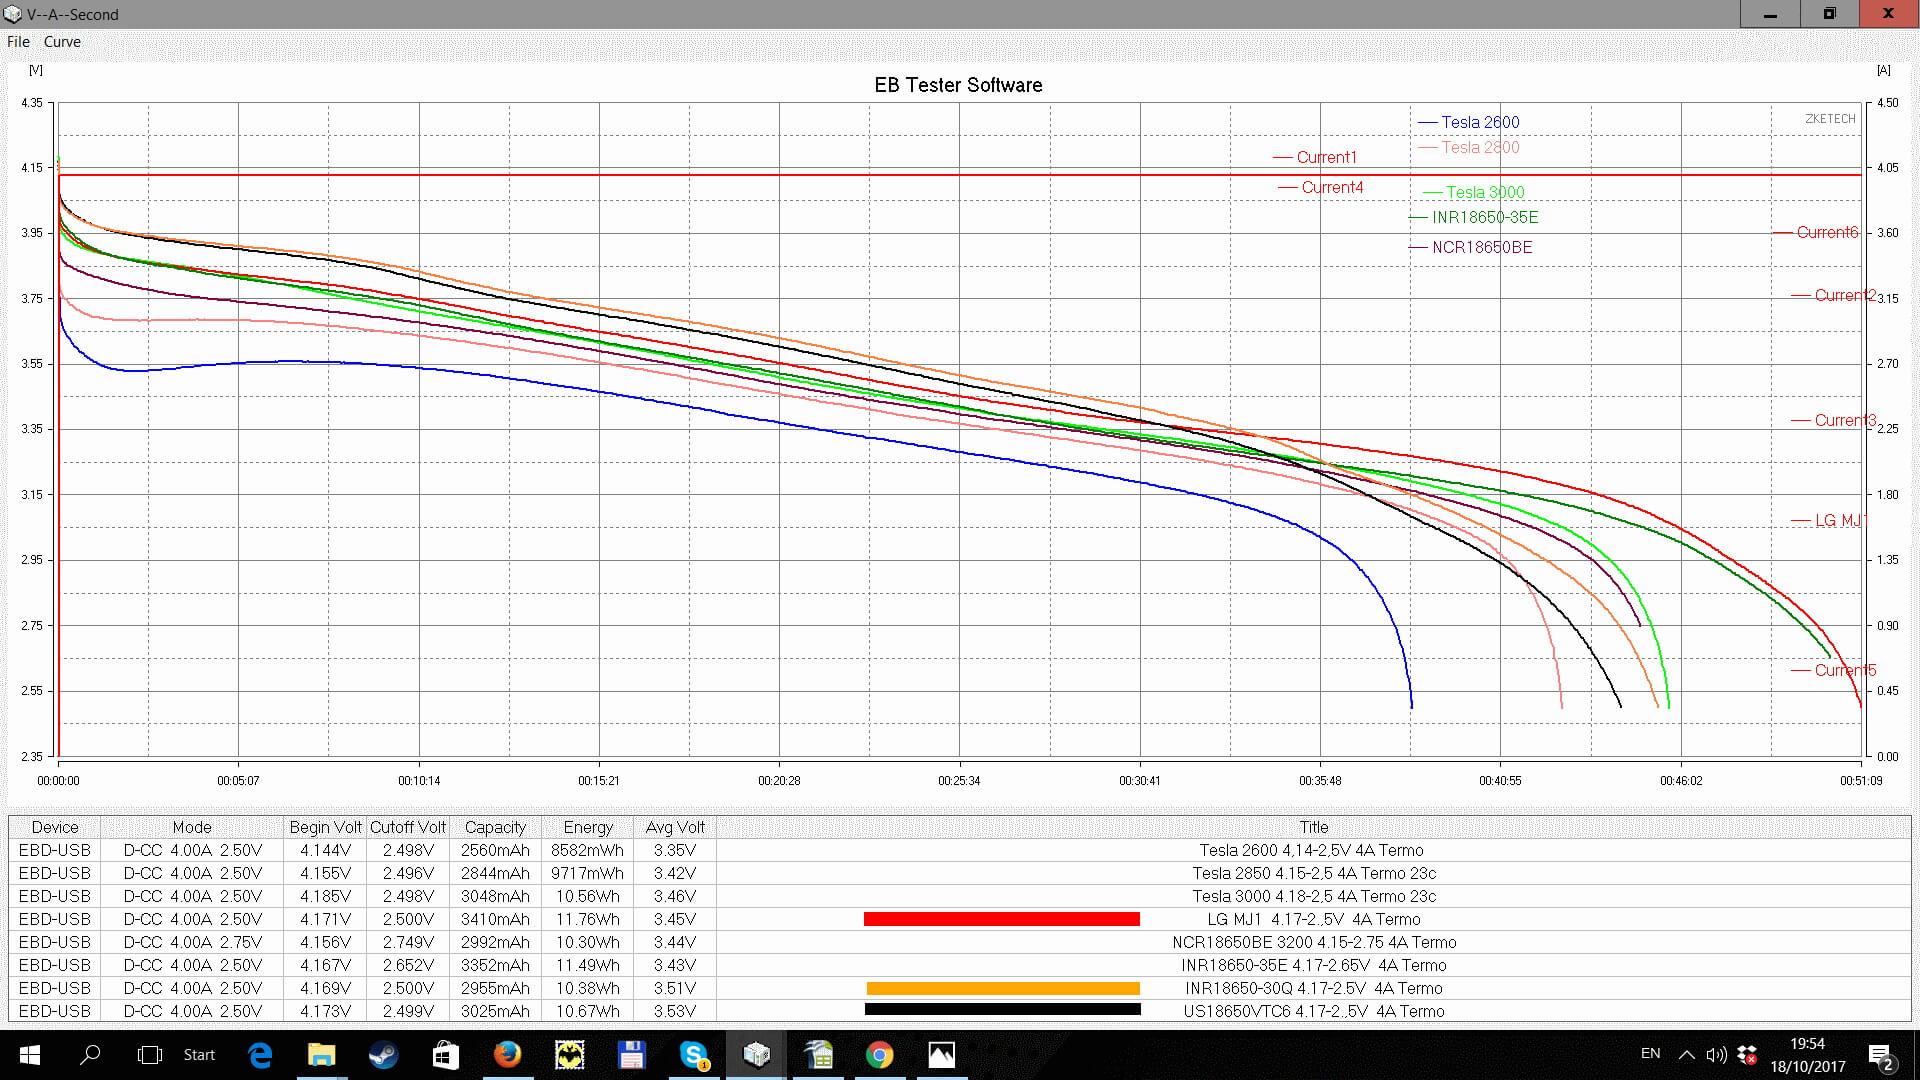 Температурный график аккумуляторов Tesla